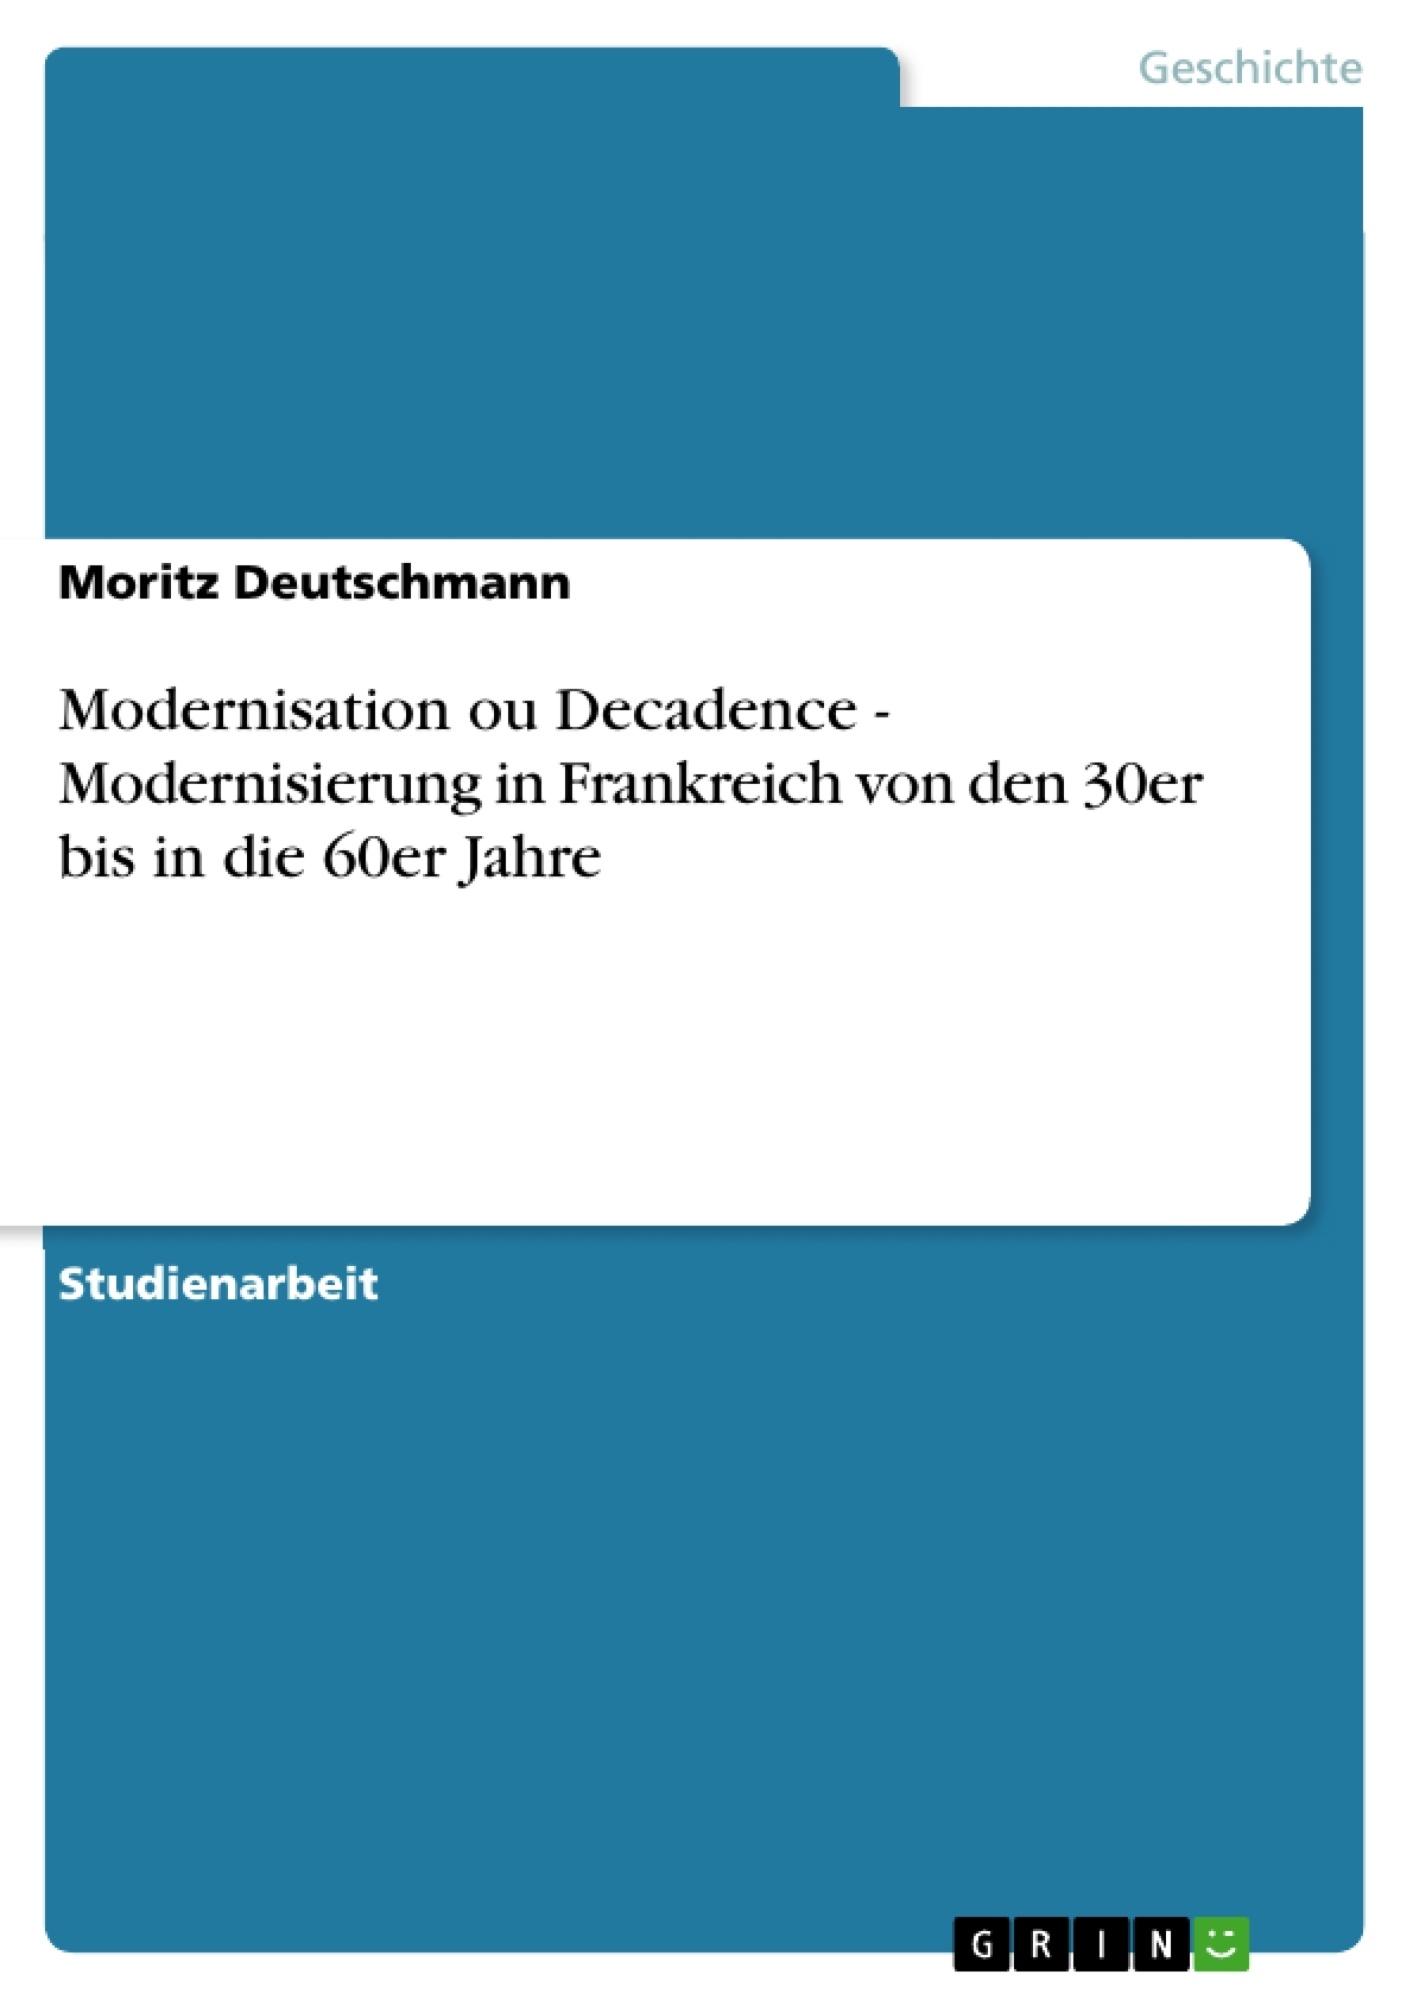 Titel: Modernisation ou Decadence - Modernisierung in Frankreich von den 30er bis in die 60er Jahre